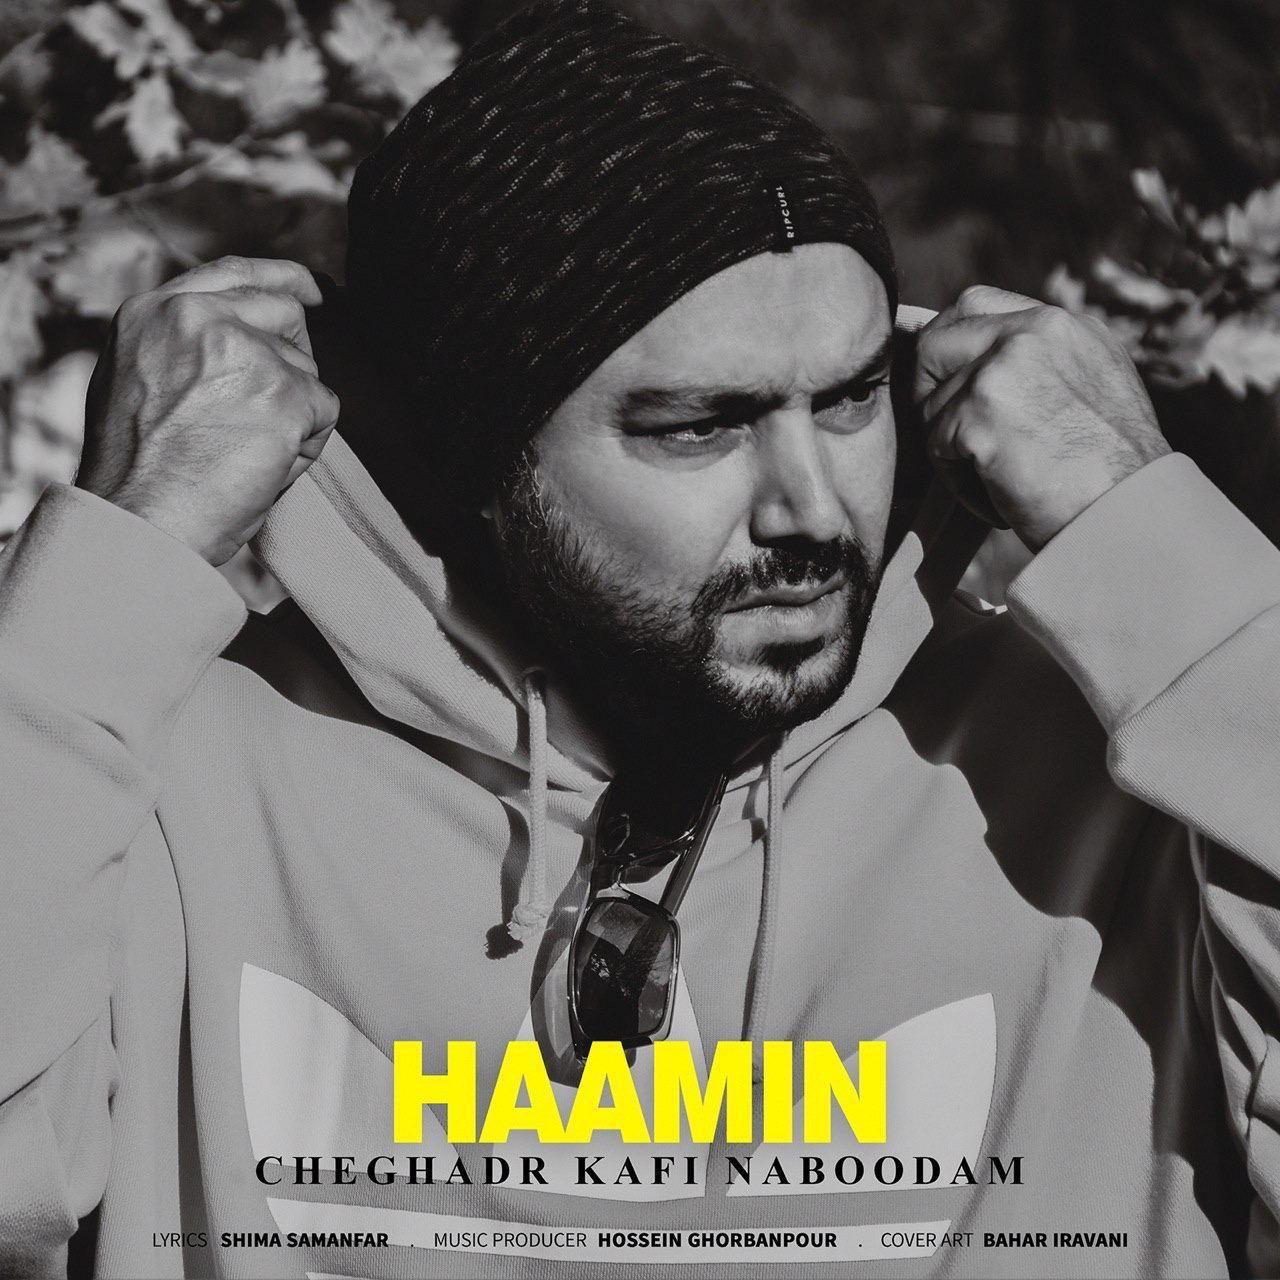 Haamin – Cheghadr Kafi Naboodam